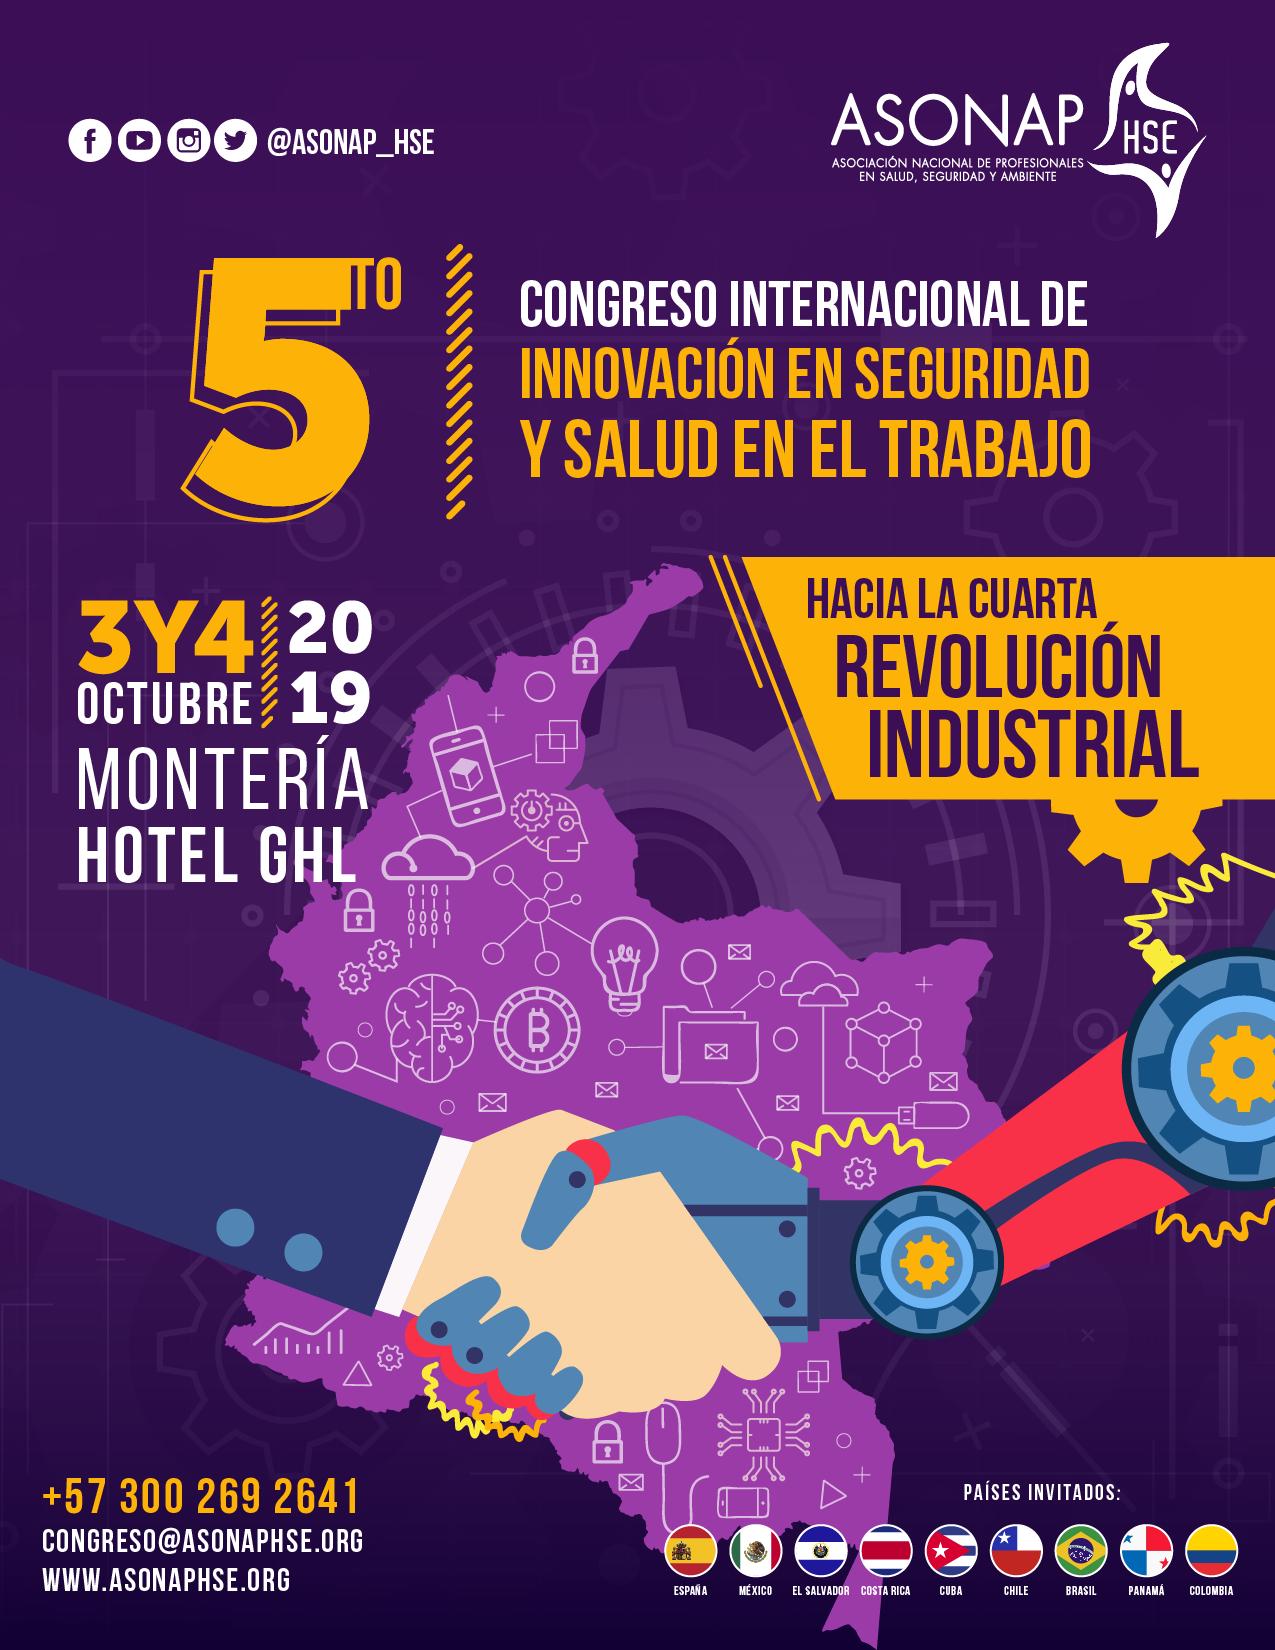 5° Congreso Internacional de Innovación en Seguridad y Salud en el Trabajo